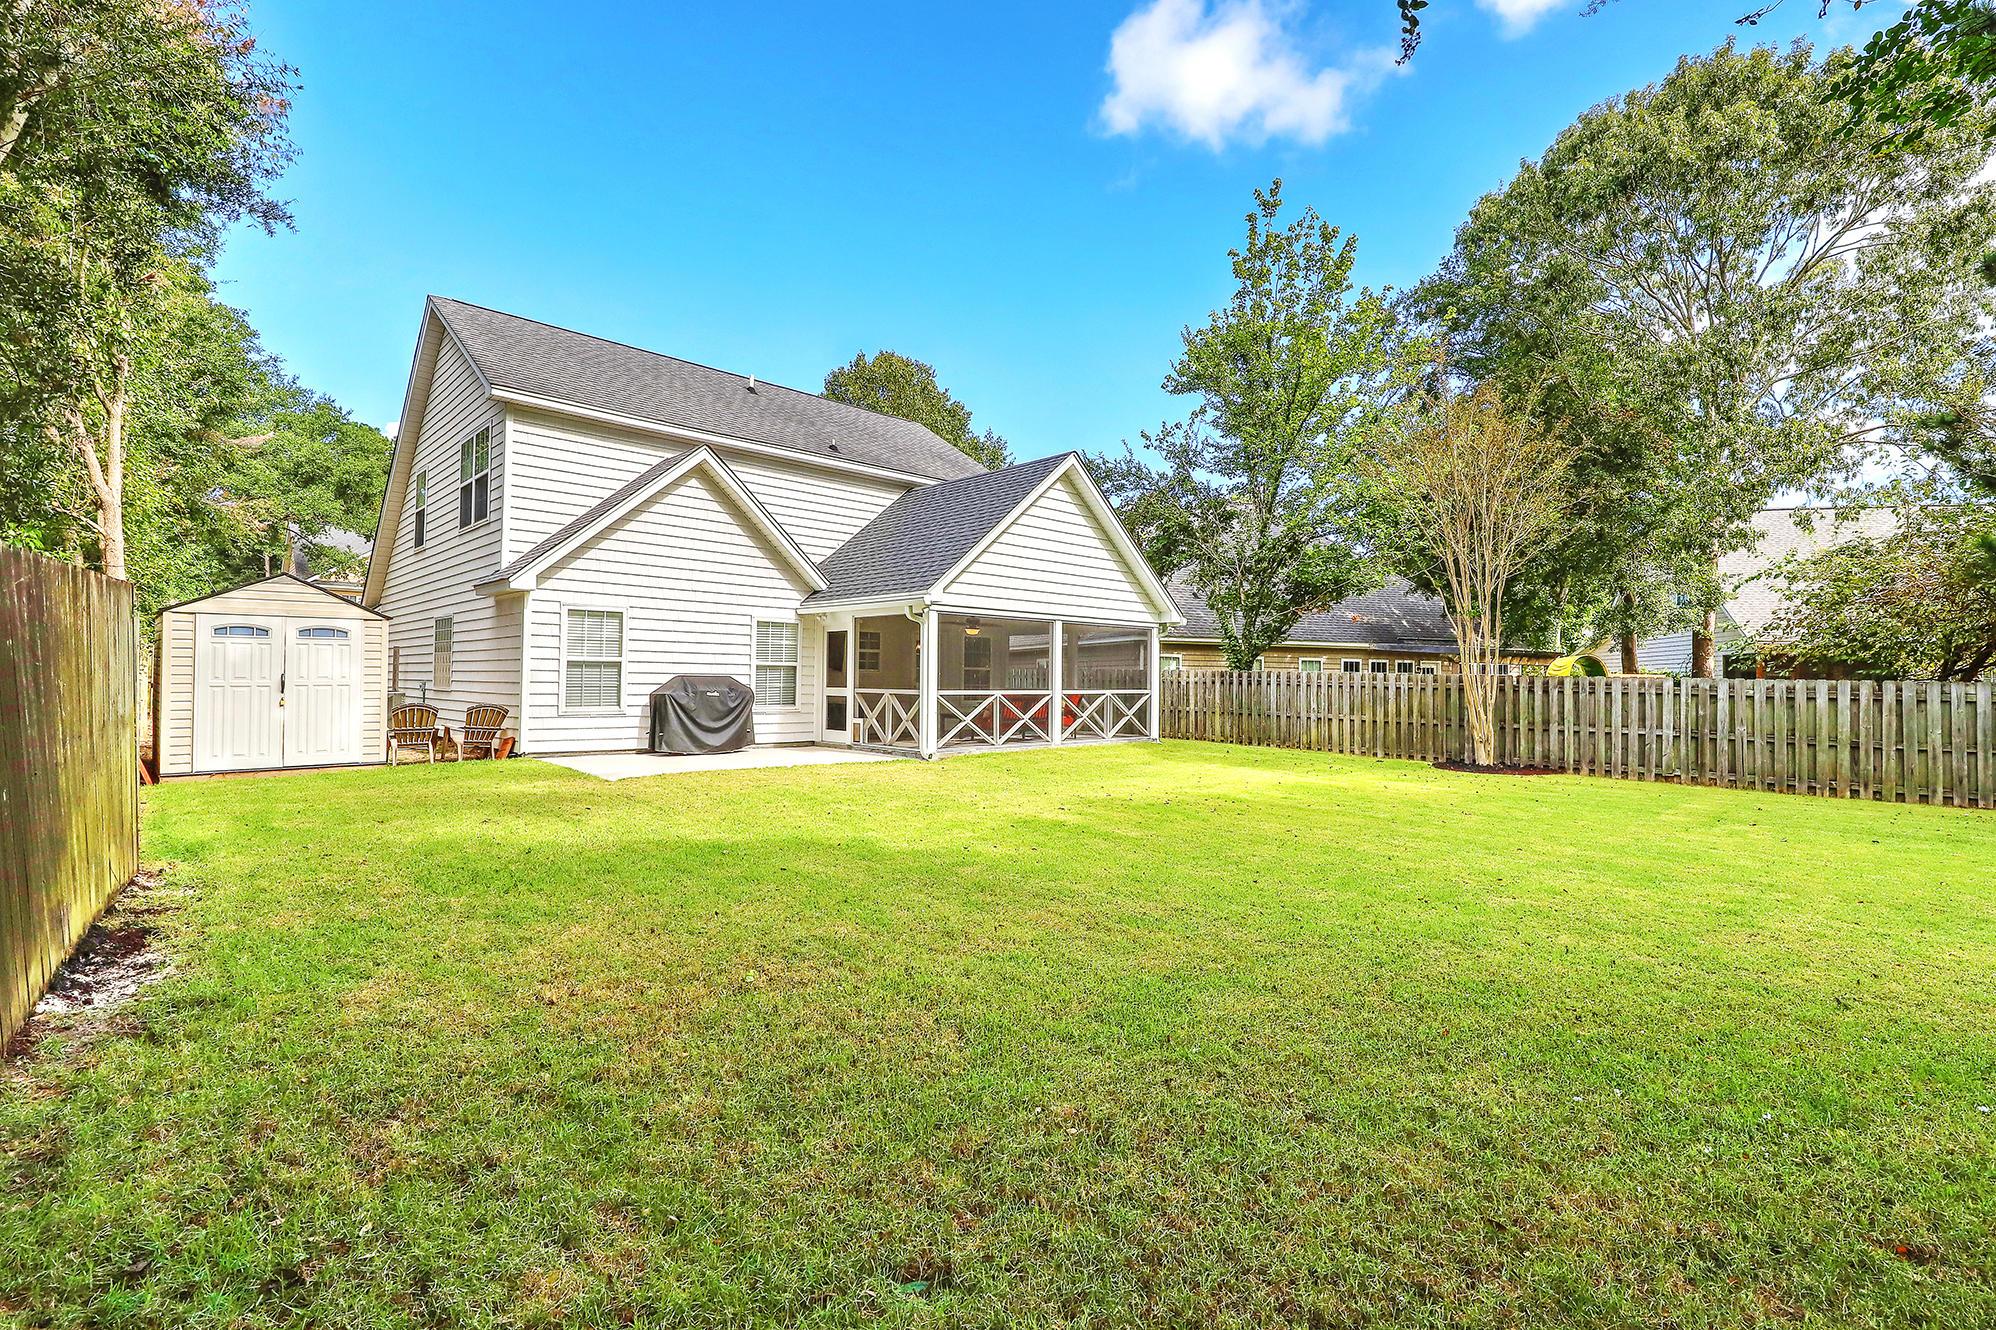 Lawton Harbor Homes For Sale - 559 Cecilia Cove, Charleston, SC - 23